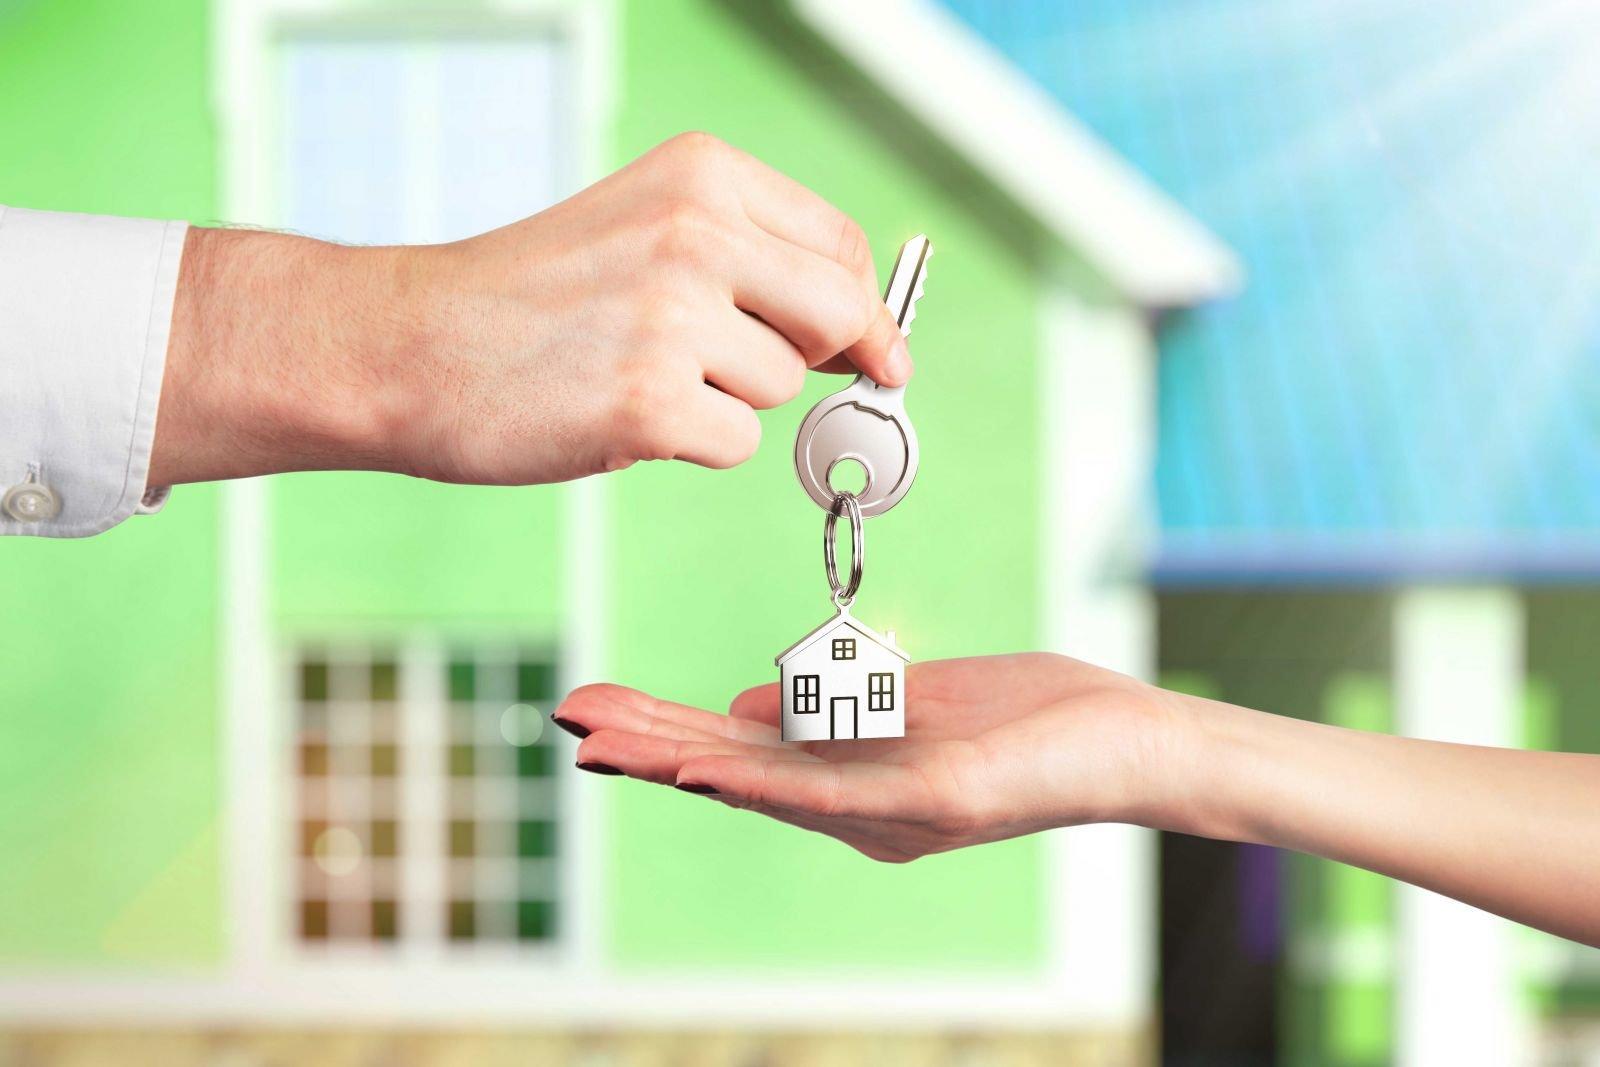 Сколько раз можно брать ипотеку одному человеку на жилье